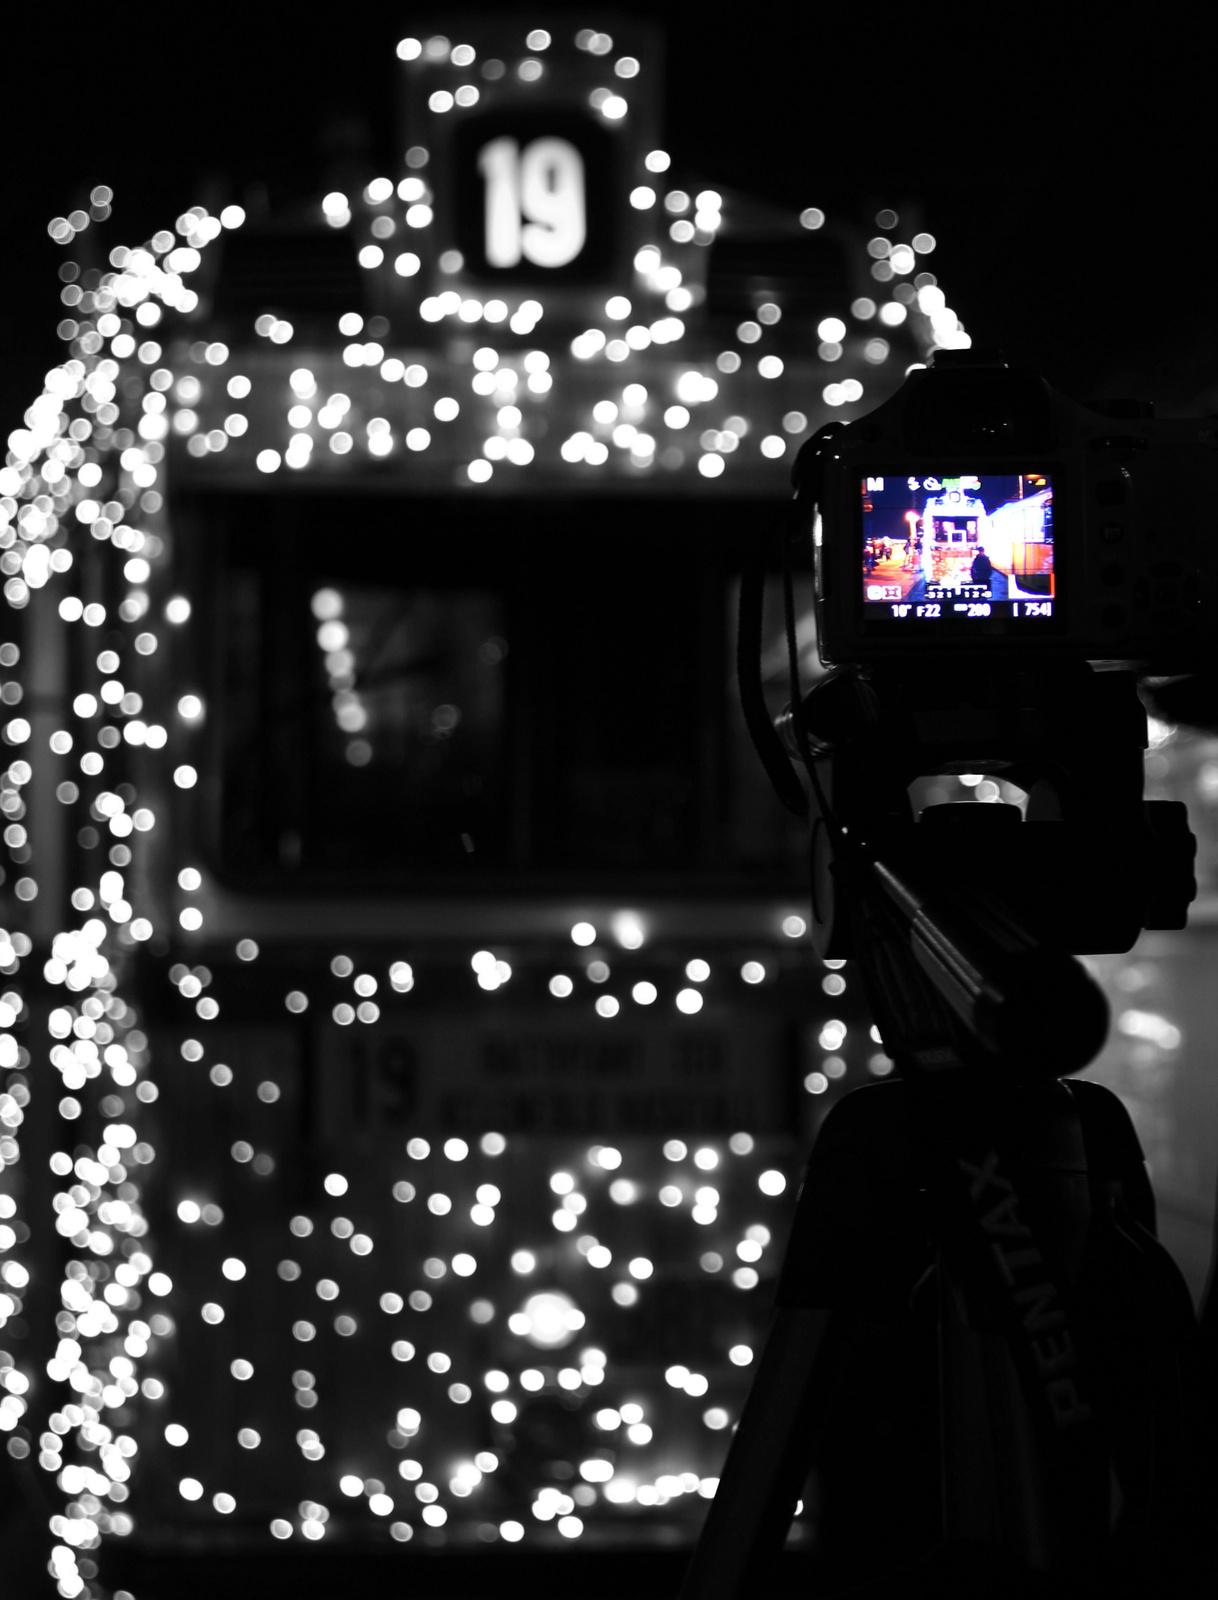 Fényvillamos fotózás előtt